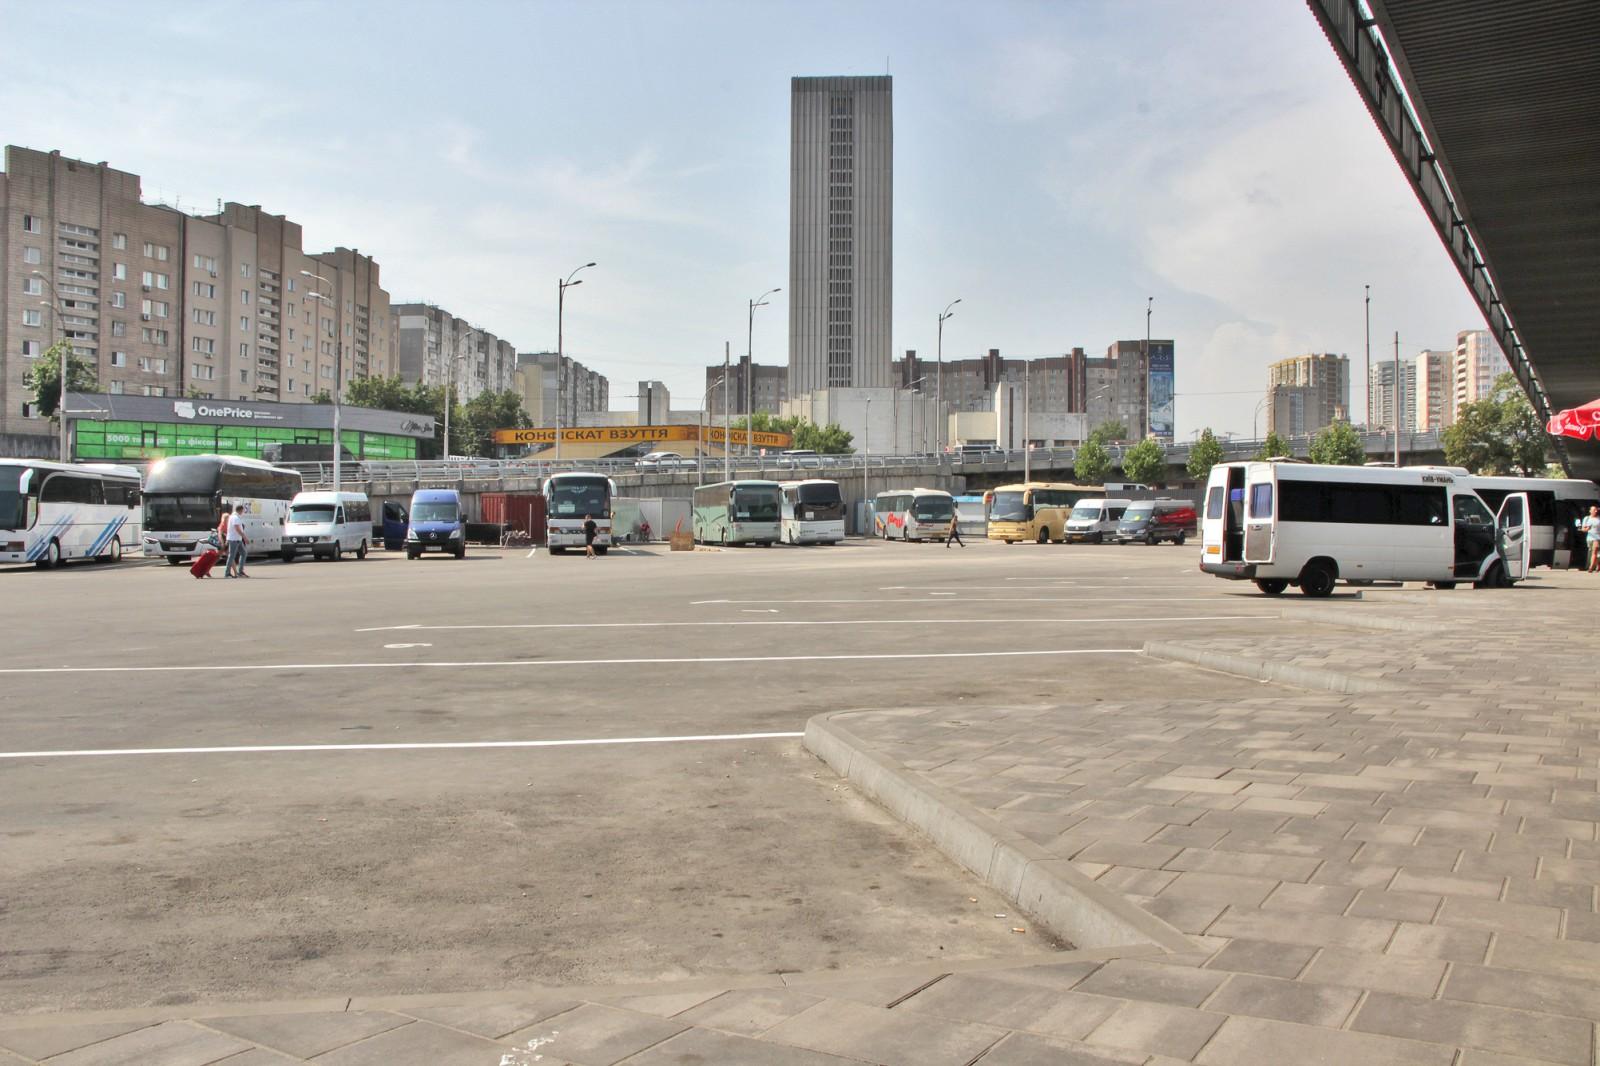 У Києві після ремонту відкрився Центральний автовокзал: як він виглядає і що там нового